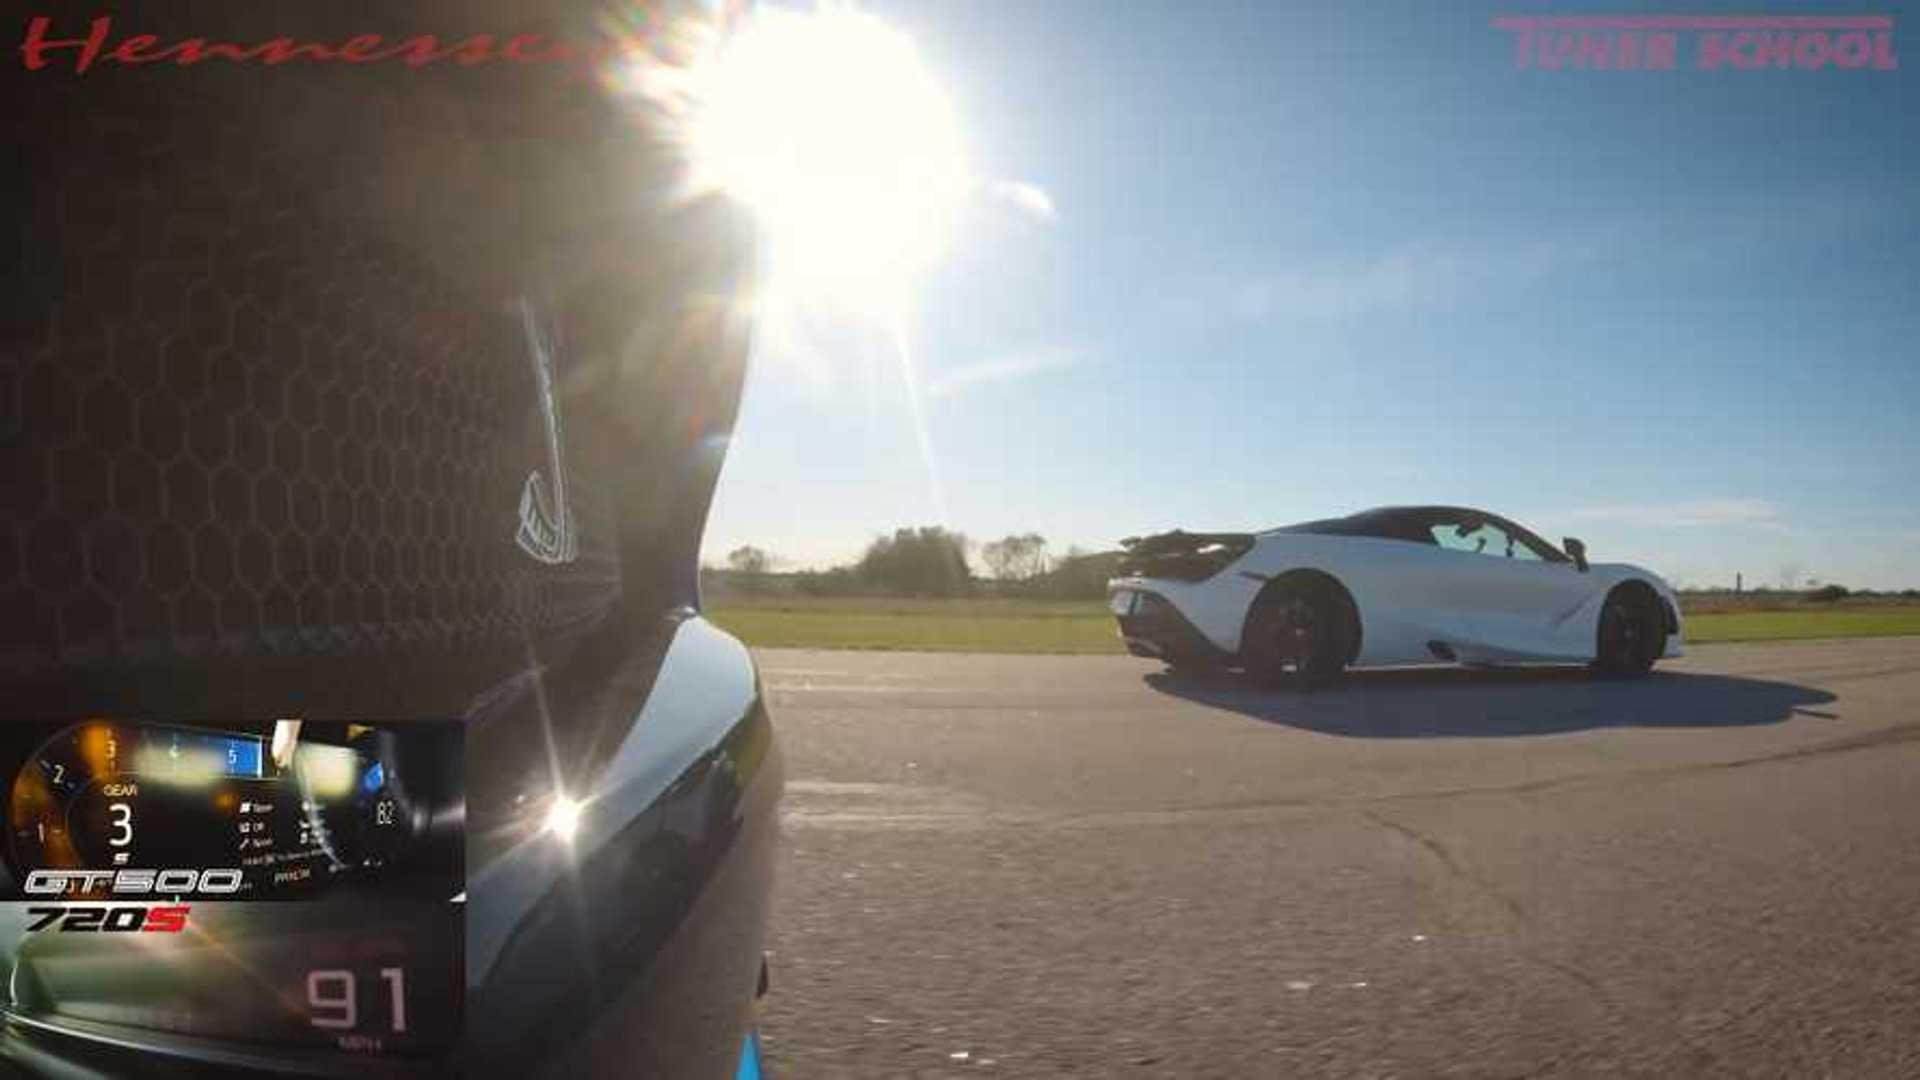 GT500 Vs 720S Drag Race